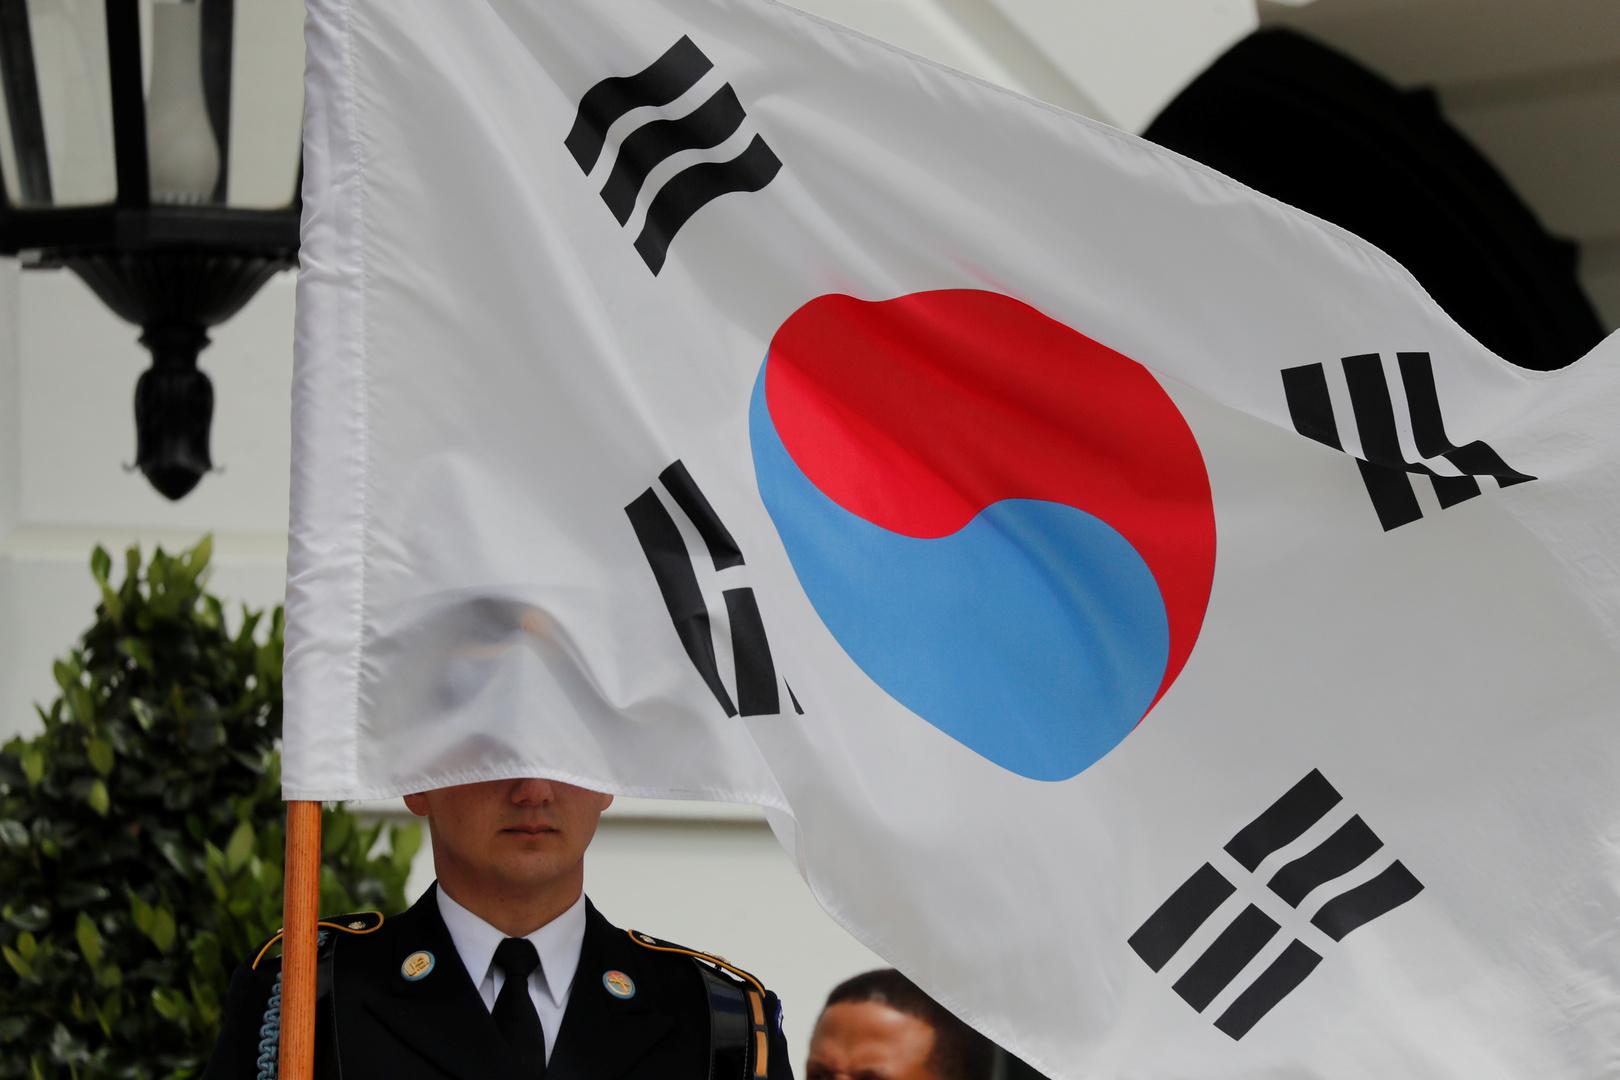 كوريا الجنوبية.. الجيش يسعى لتحسين نوعية الوجبة للجنود بعد تعرضه لانتقادات